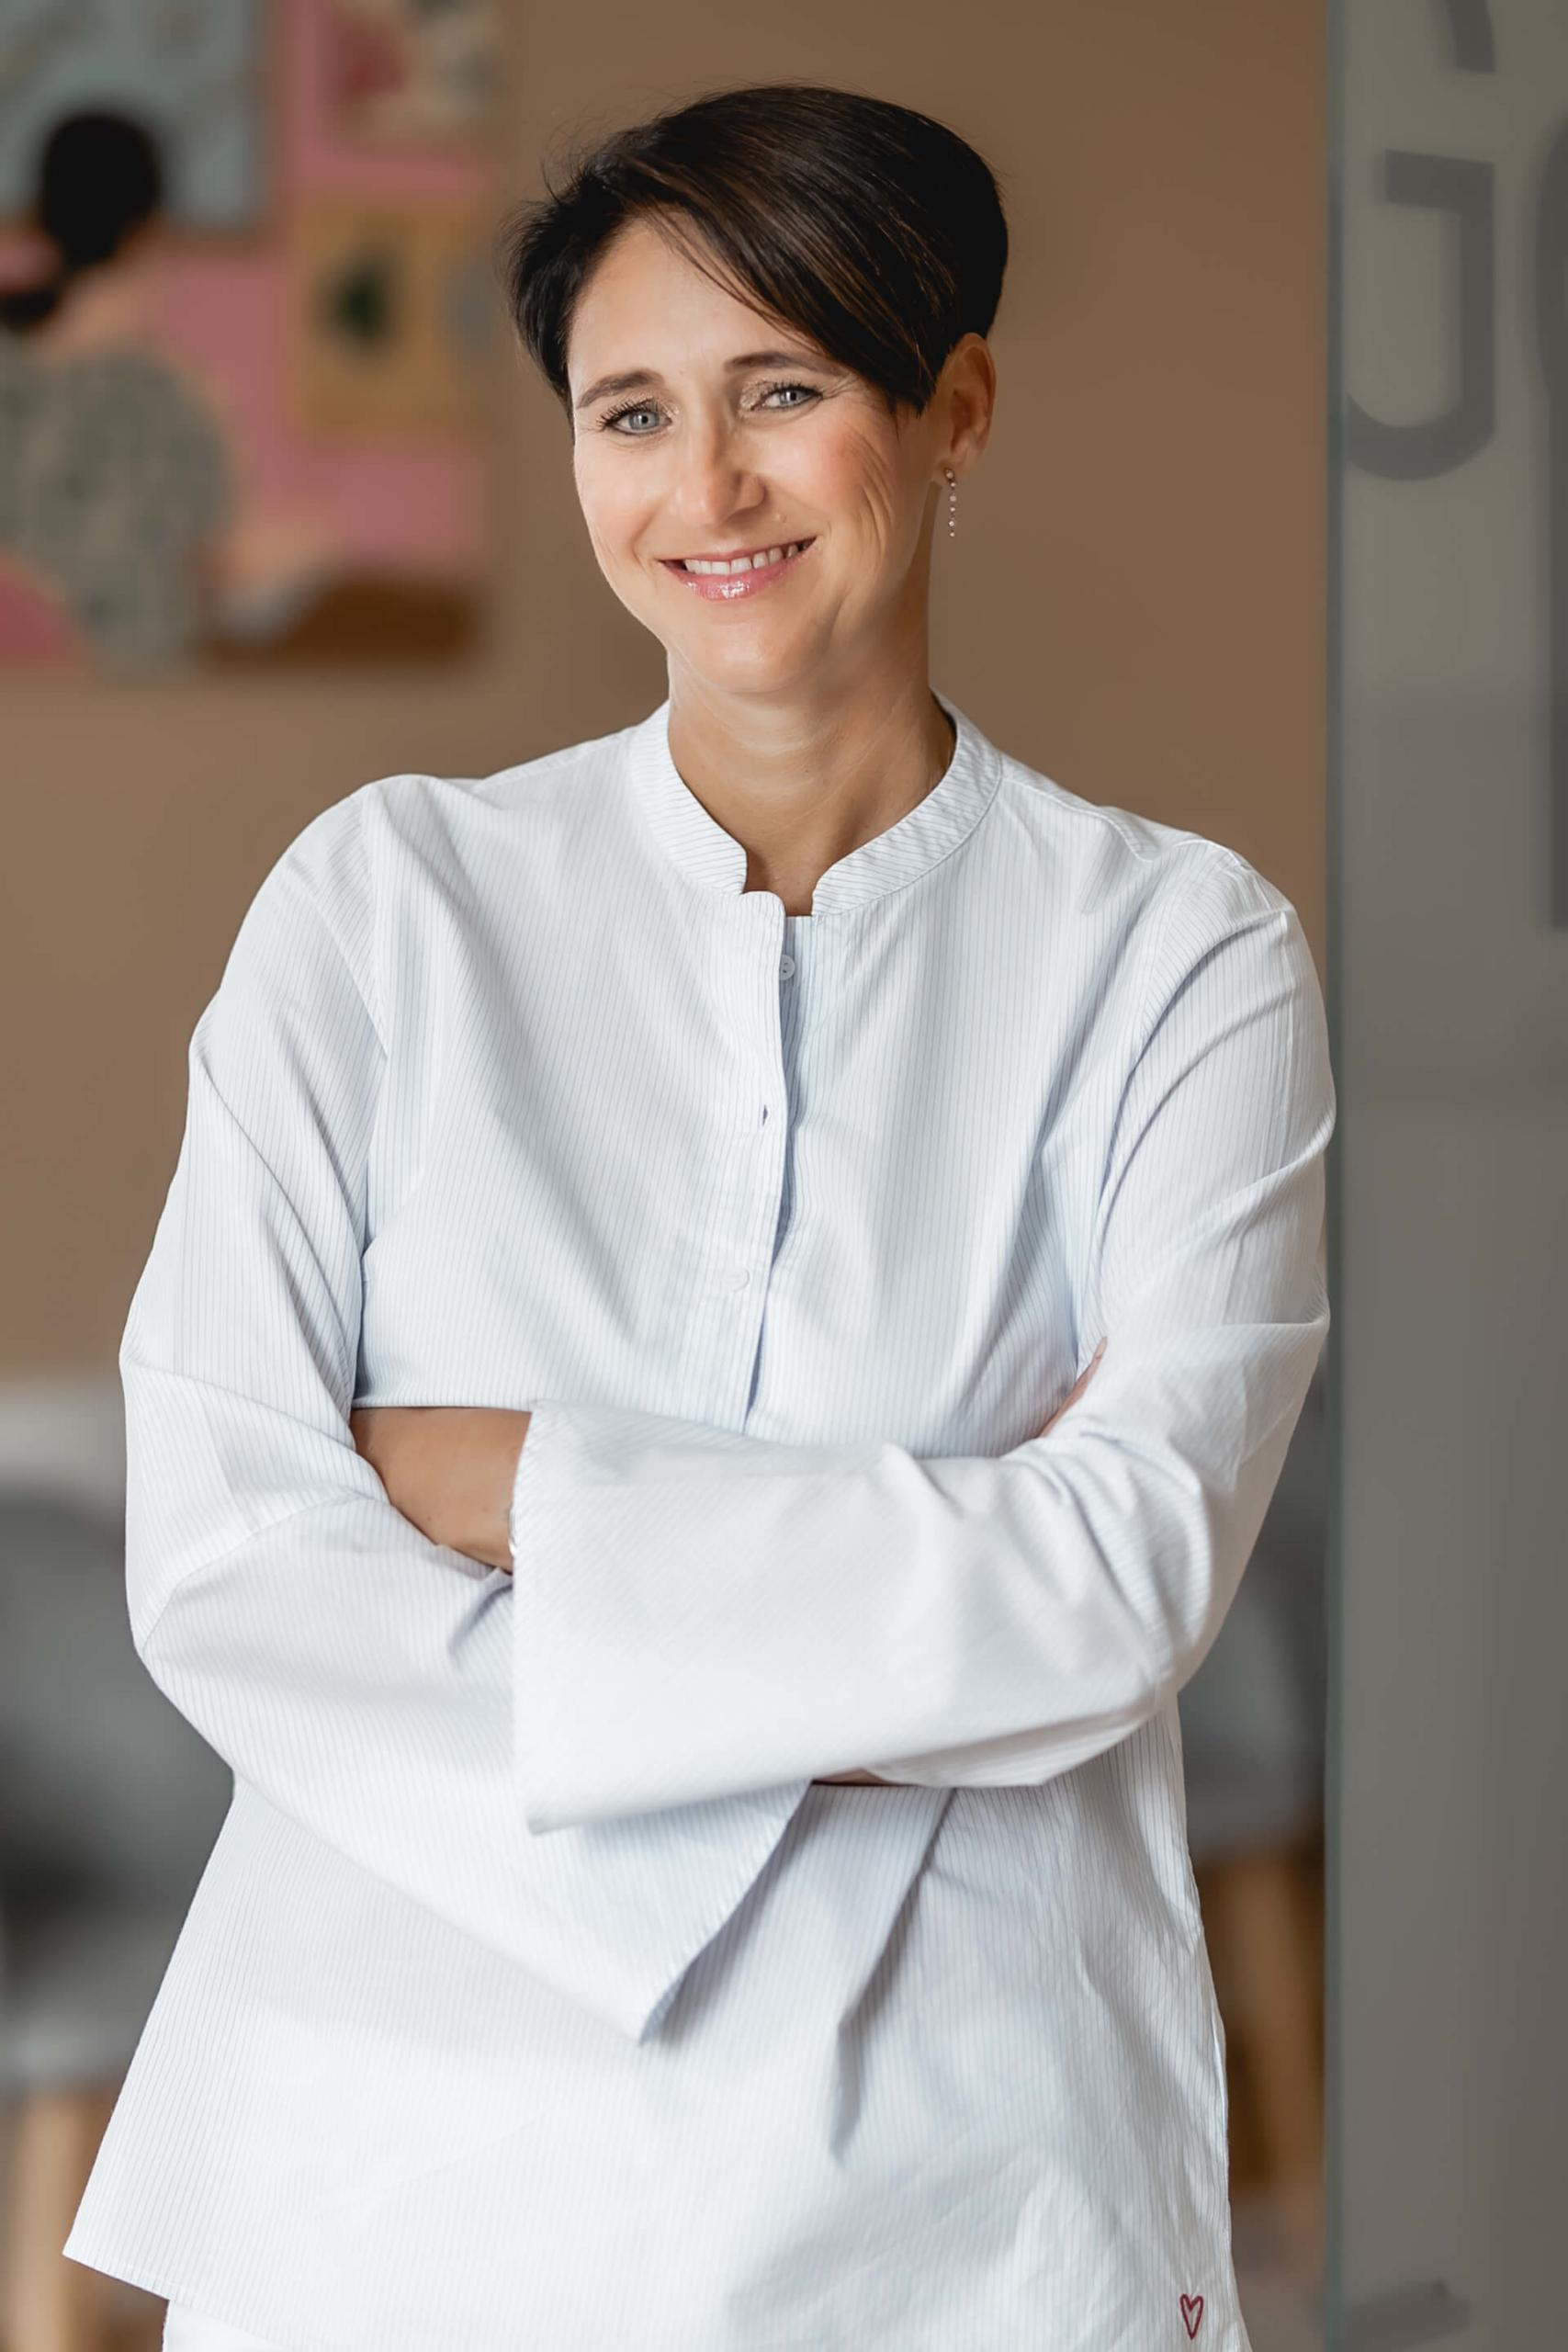 Doris Ulreich-Laussermayer